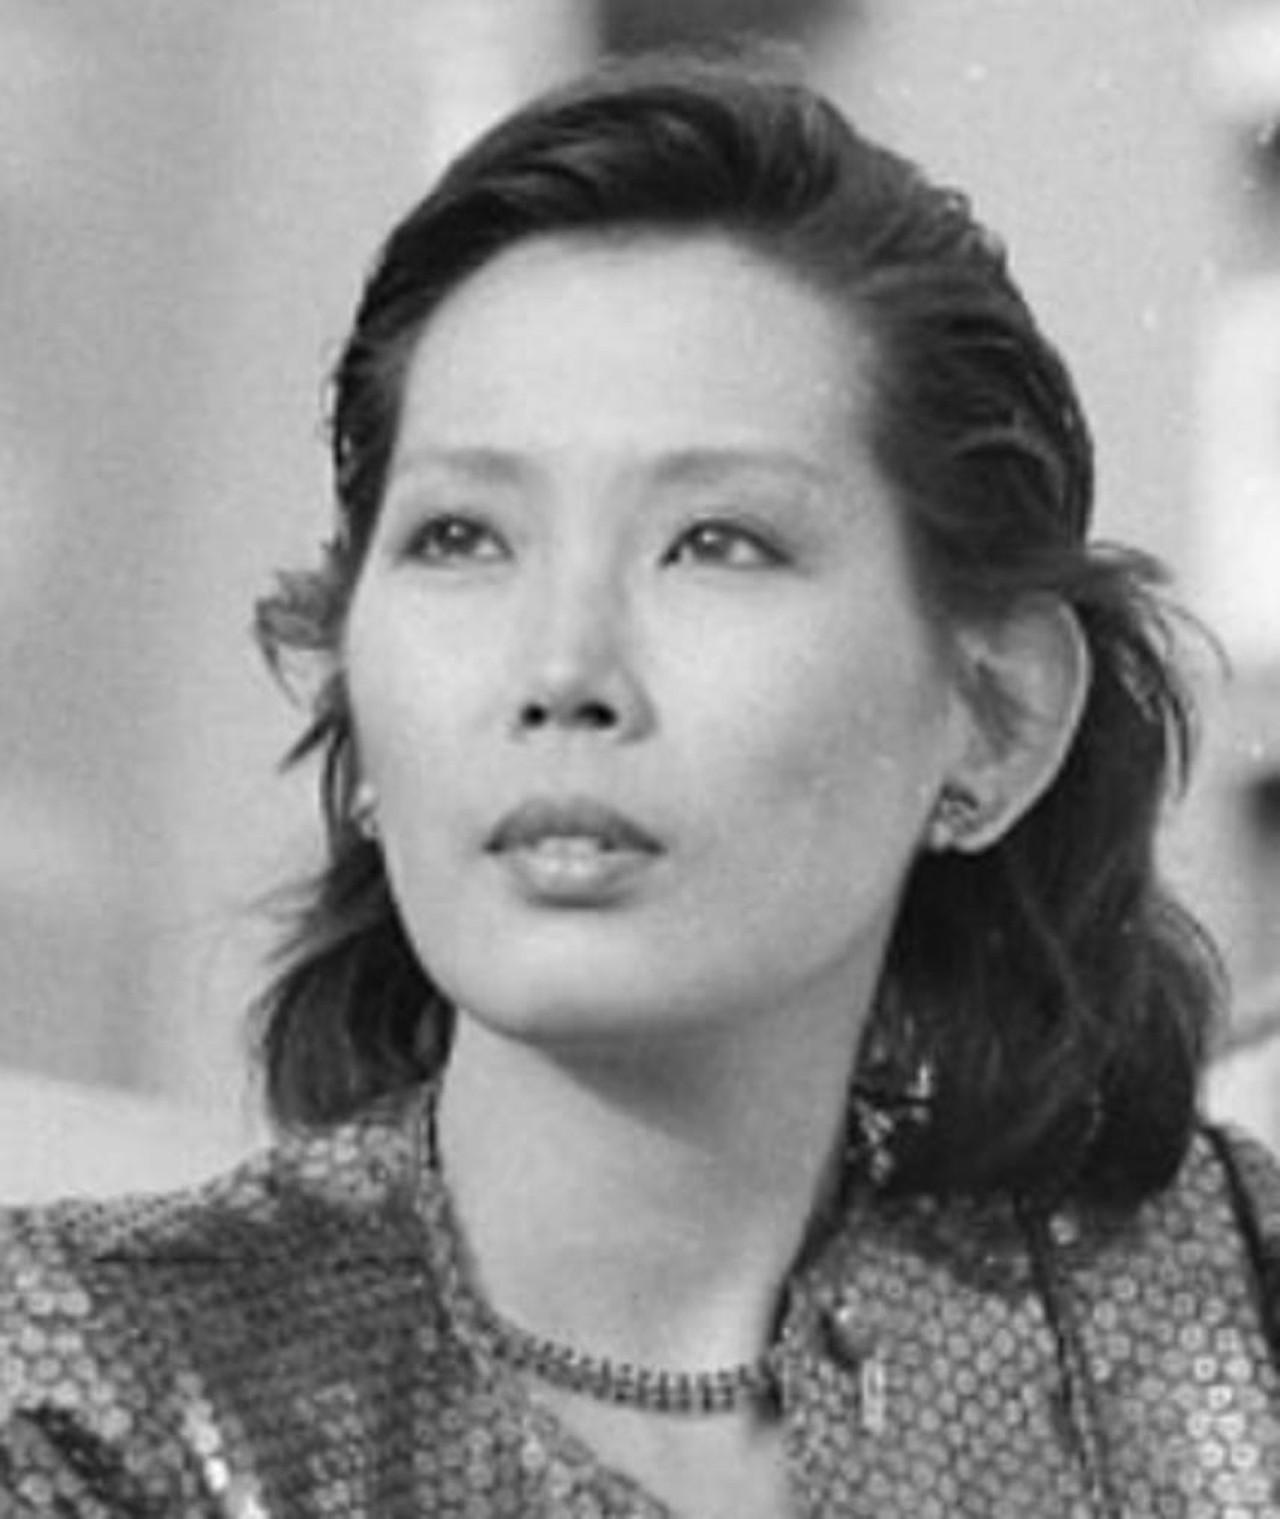 Eiko Matsuda